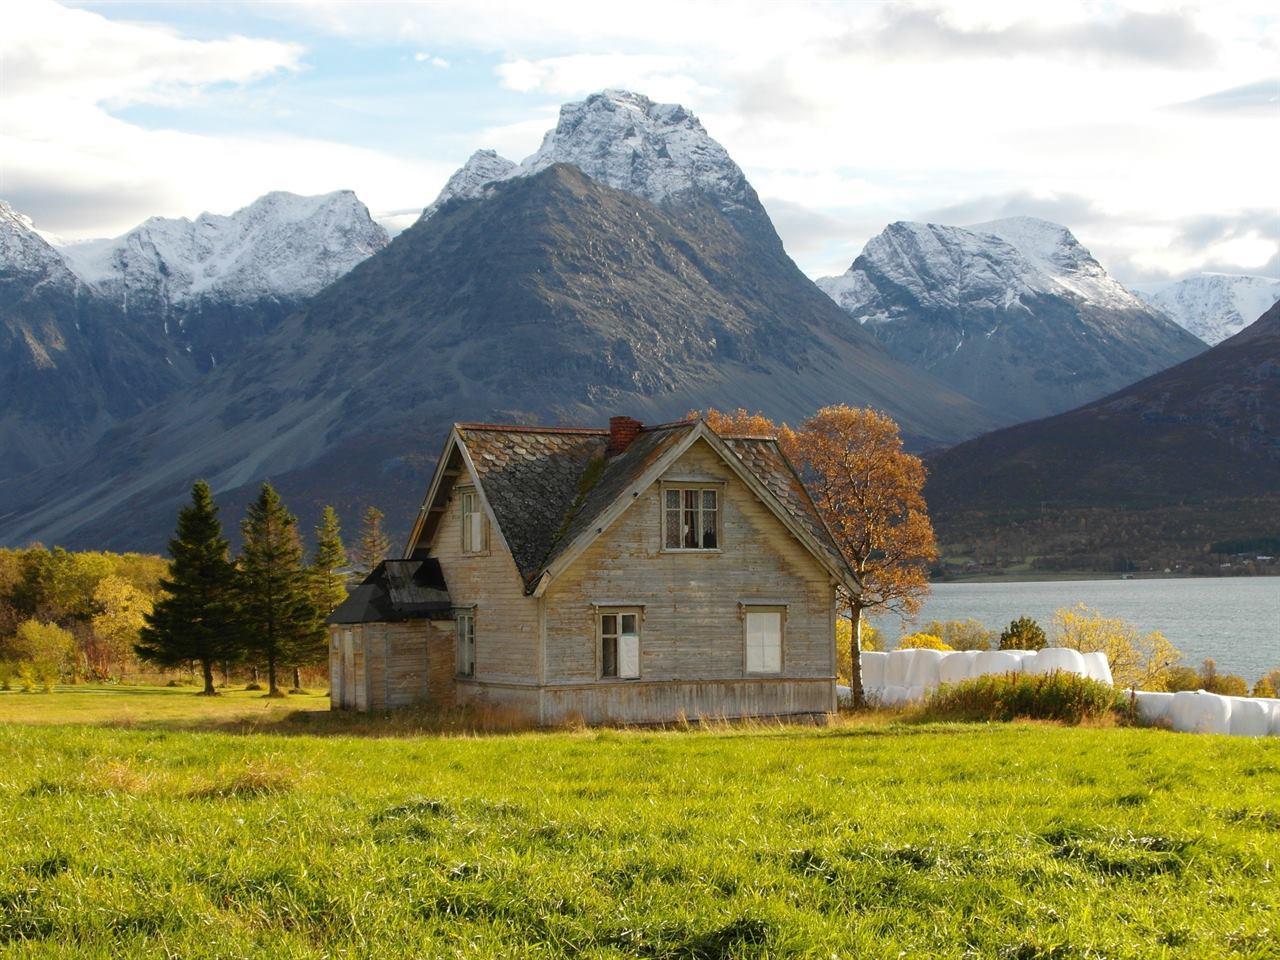 Скалы и дома в Норвегии